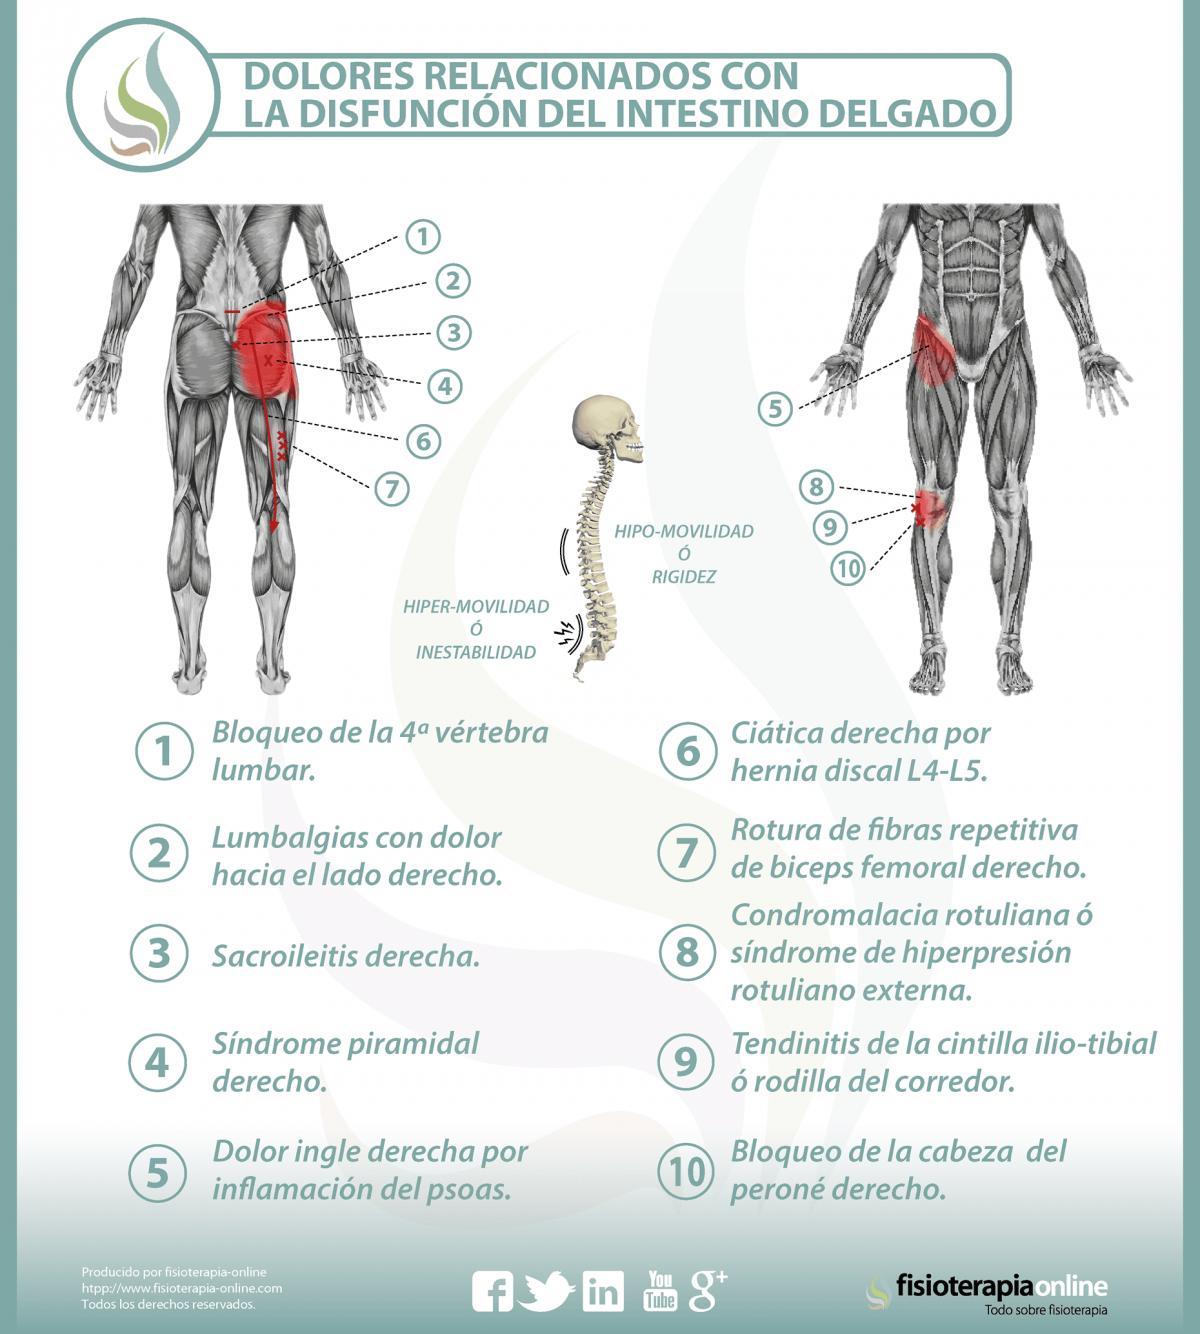 Relación del intestino delgado con el dolor de espalda